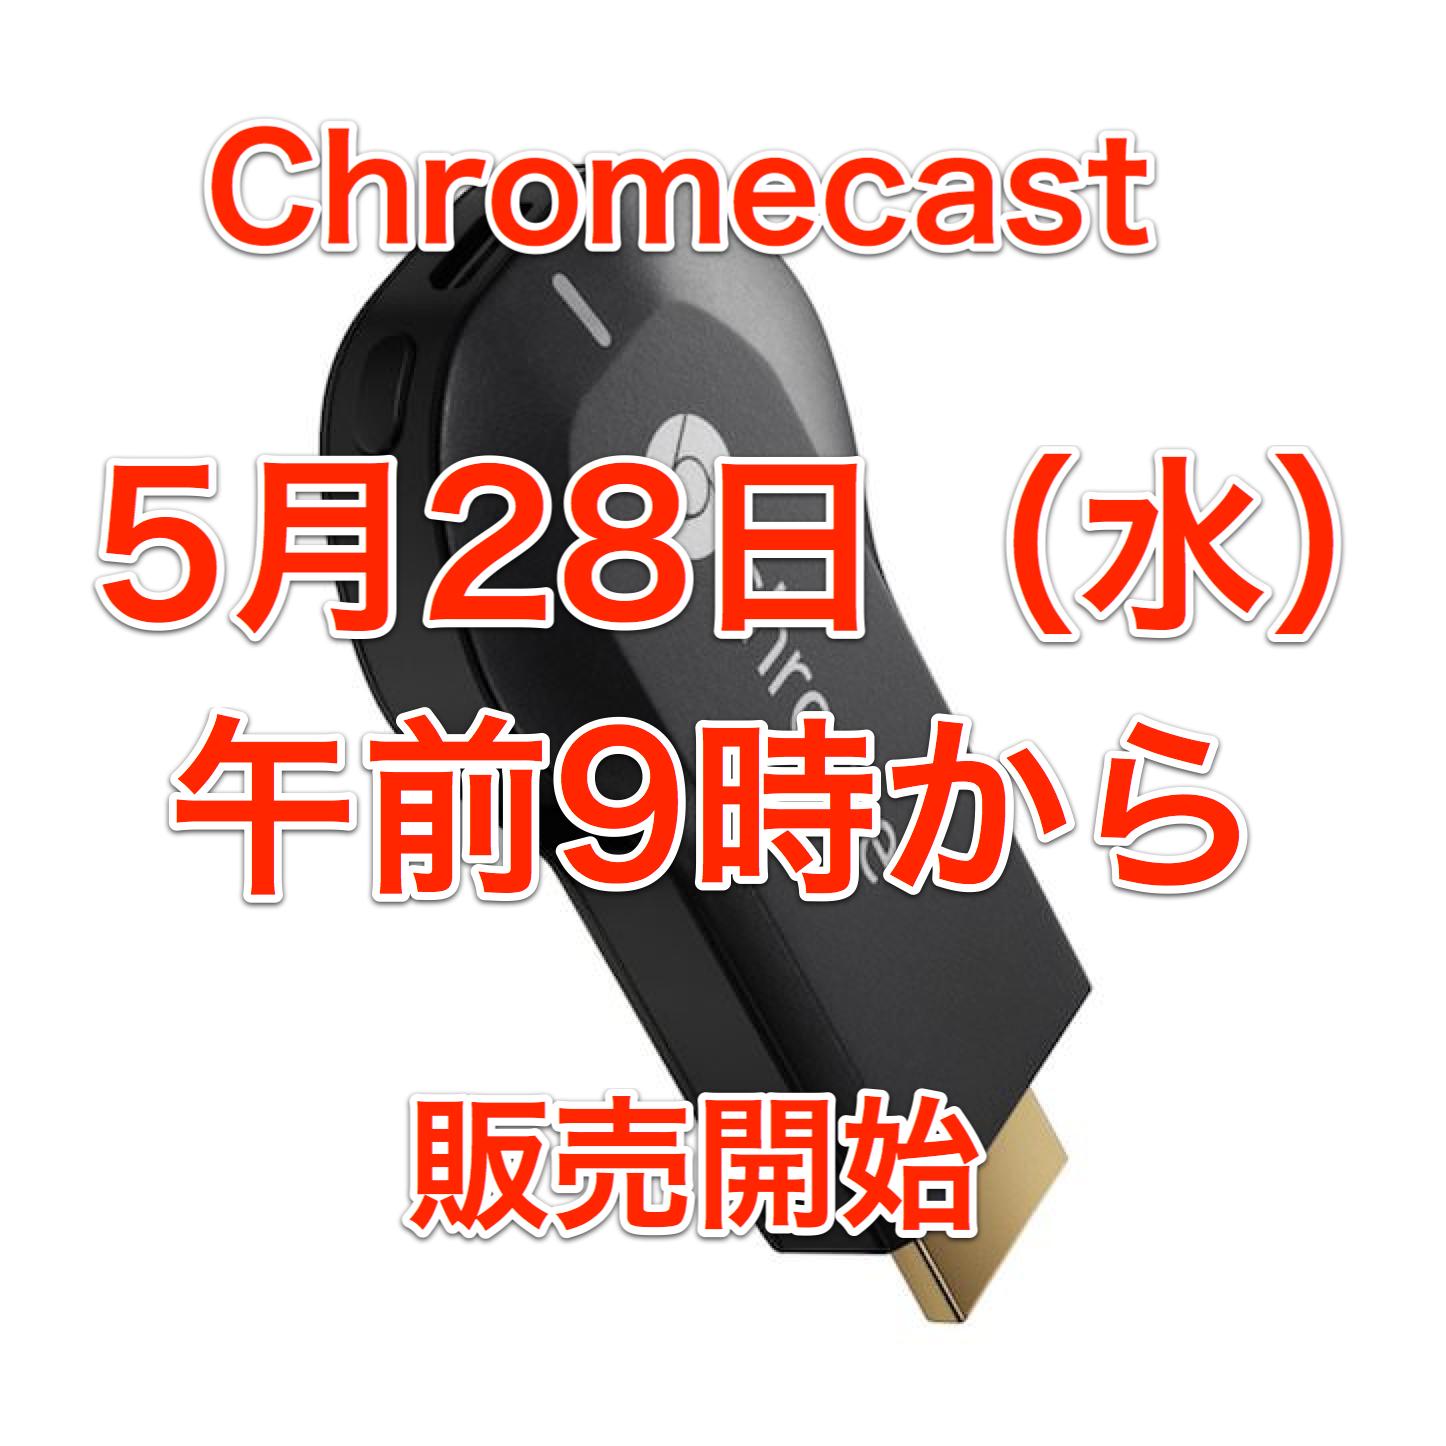 google-chromecast-amazon